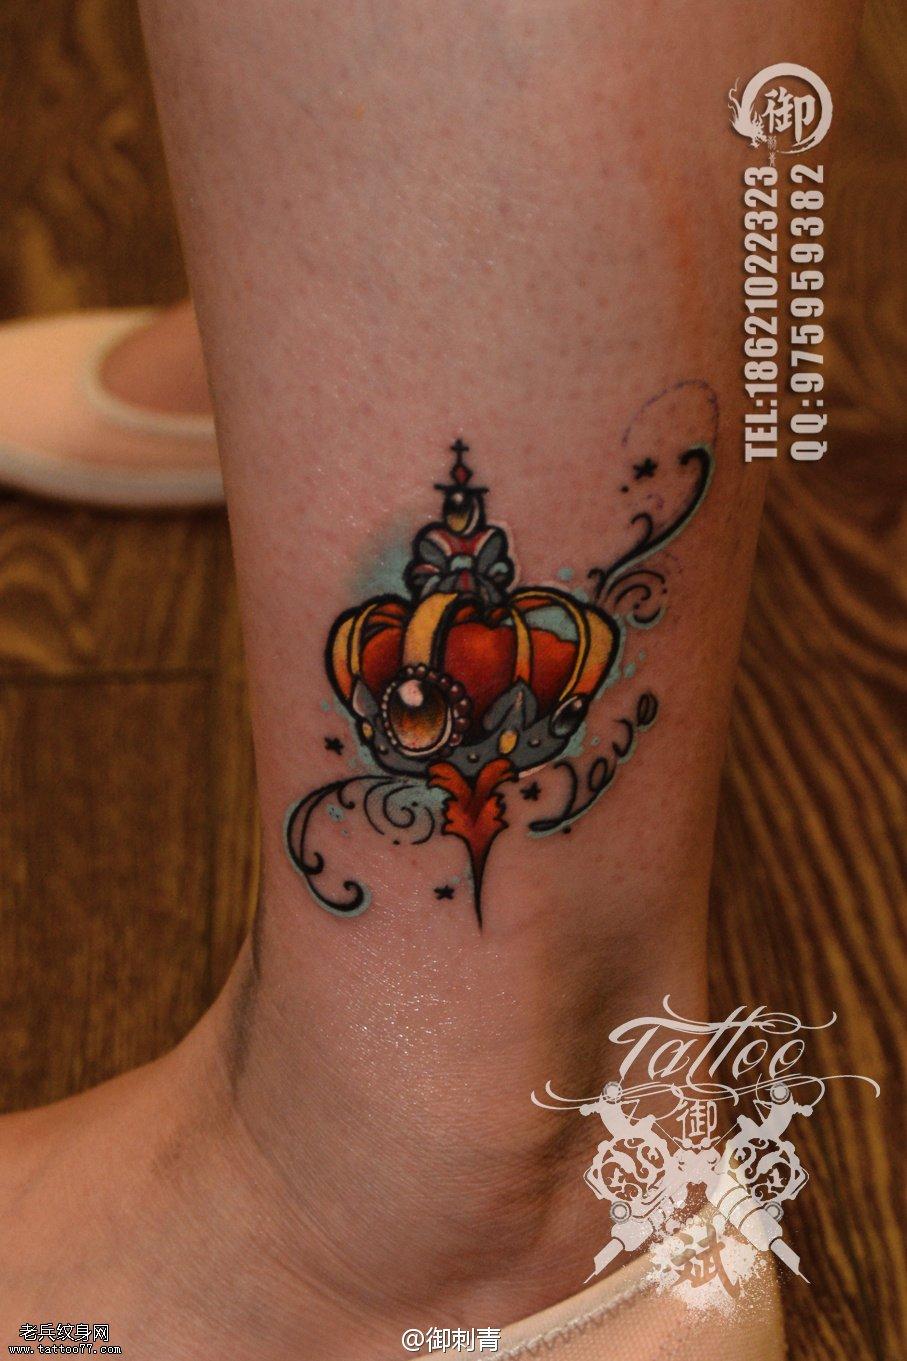 一款女性脚踝彩色小皇冠纹身图案由武汉纹身提供